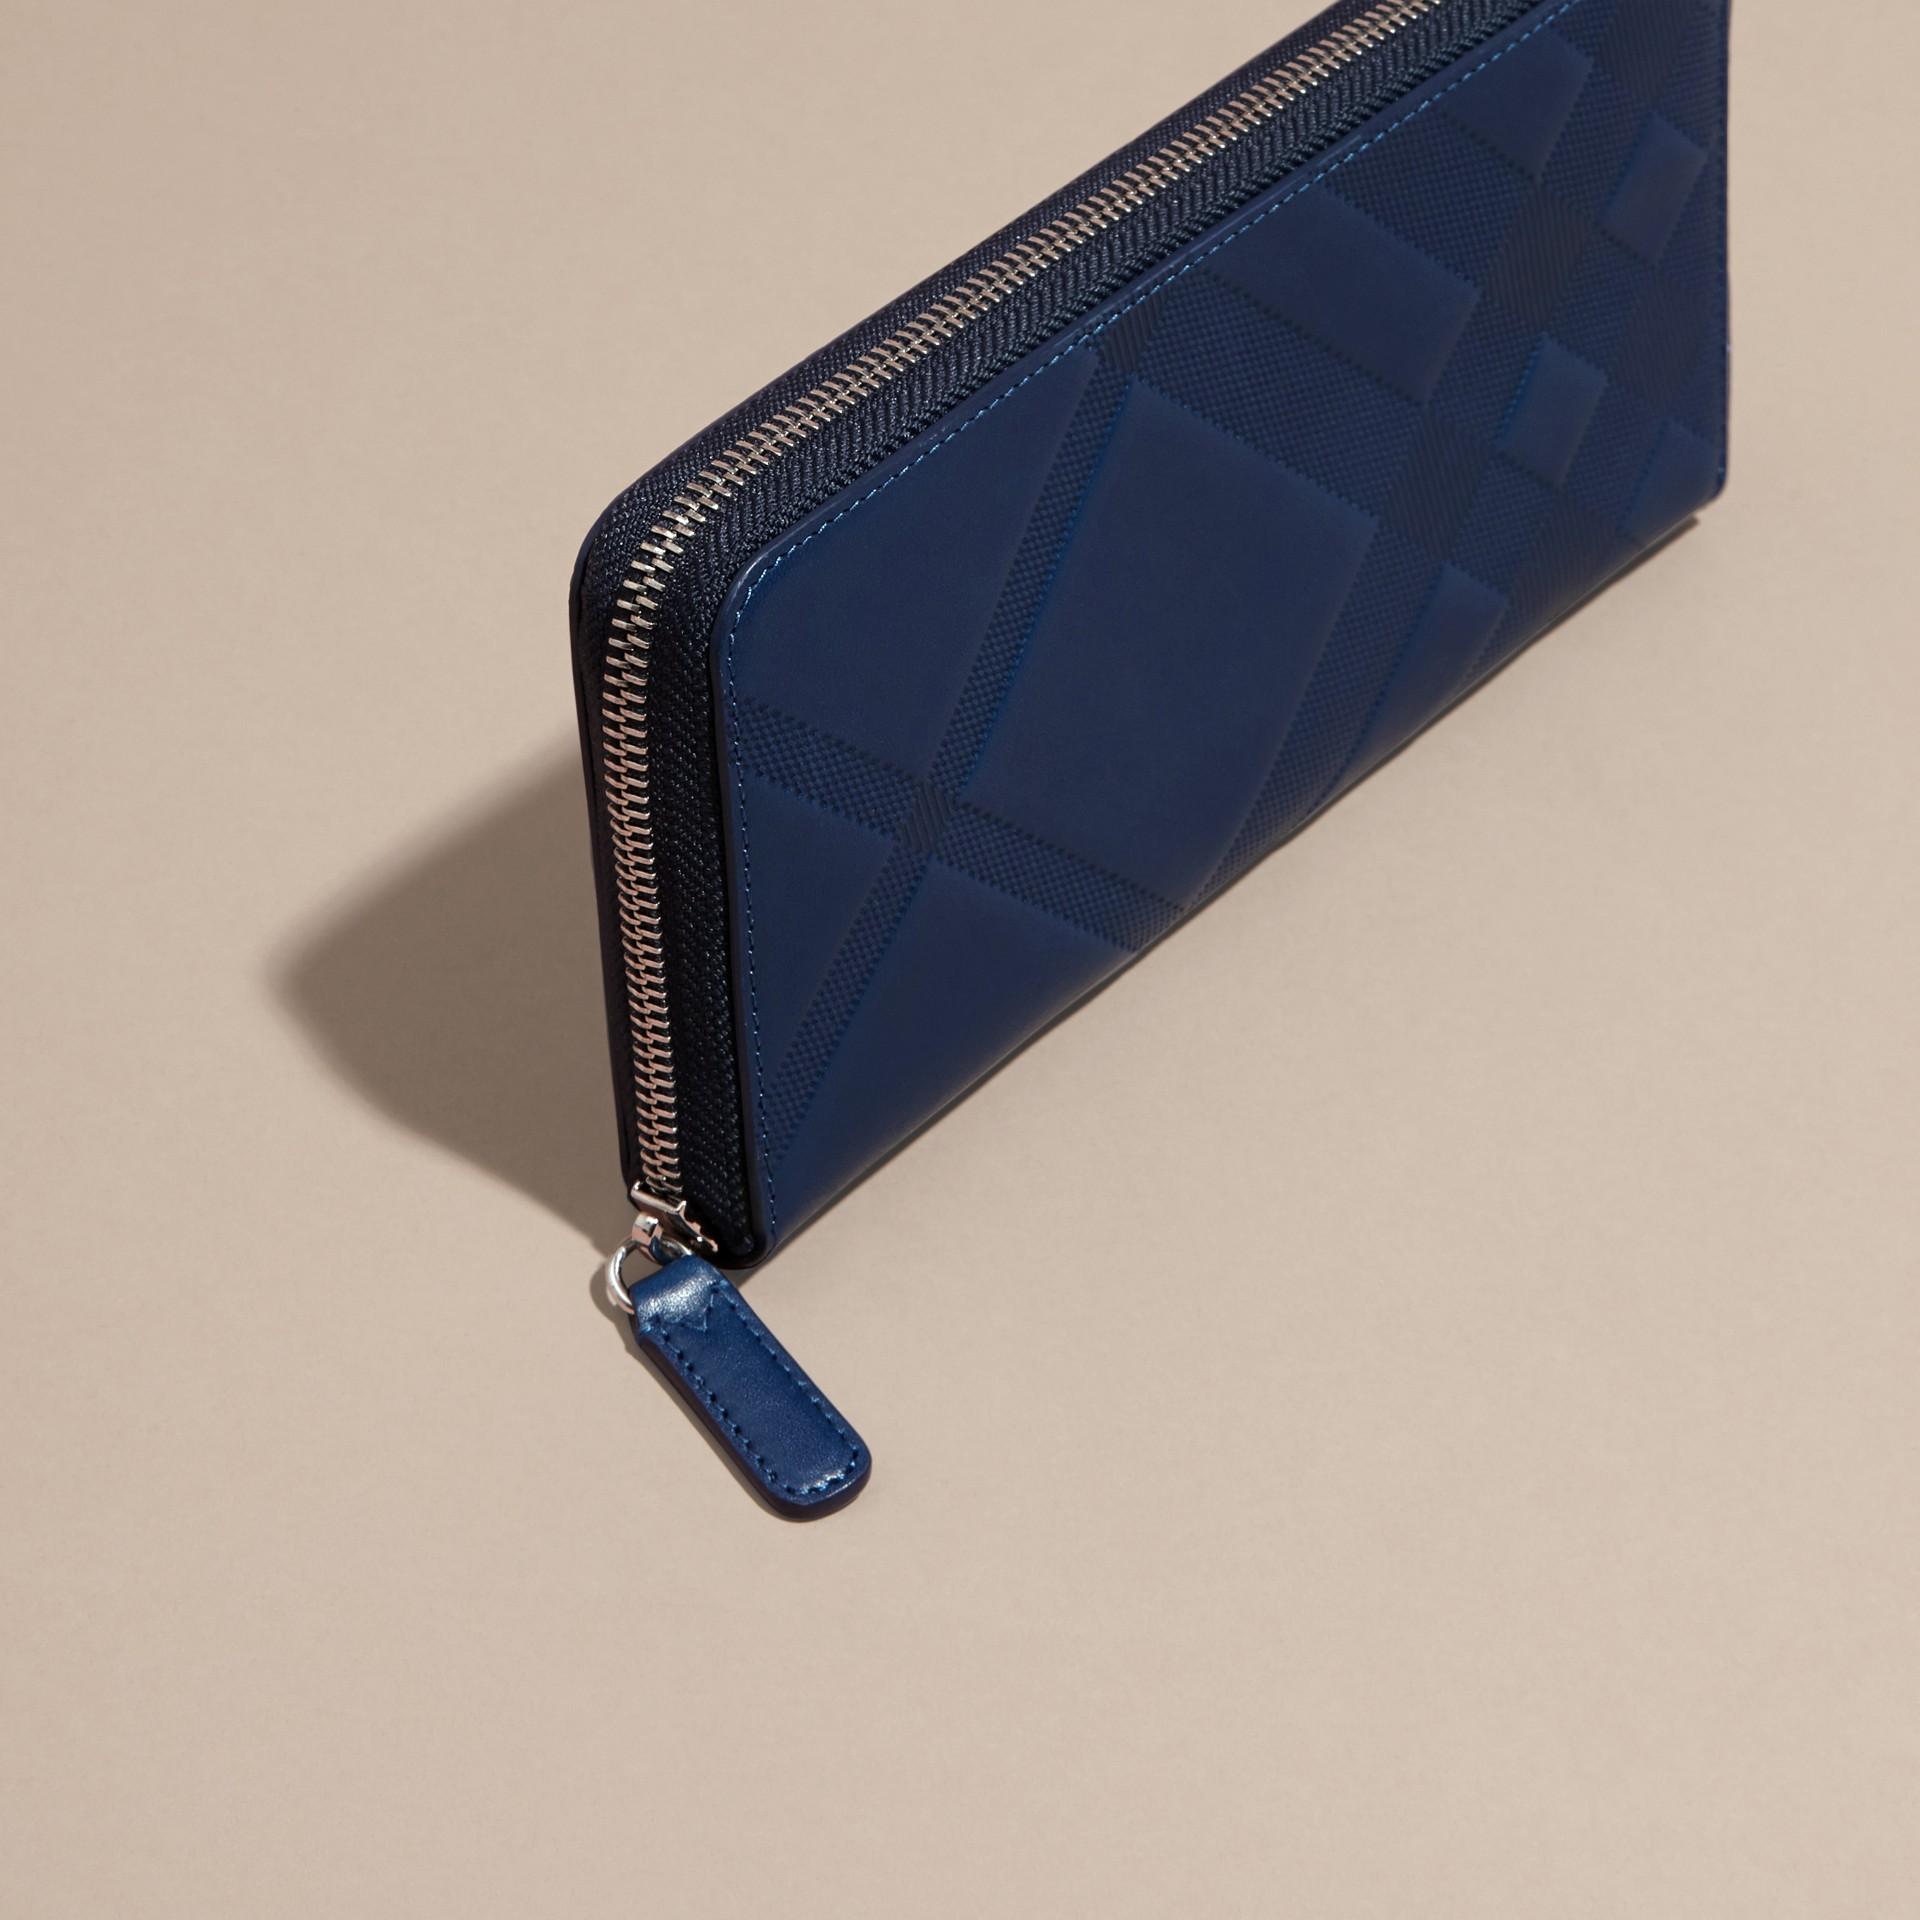 Bleu lapis Portefeuille zippé en cuir à motif check estampé Bleu Lapis - photo de la galerie 3